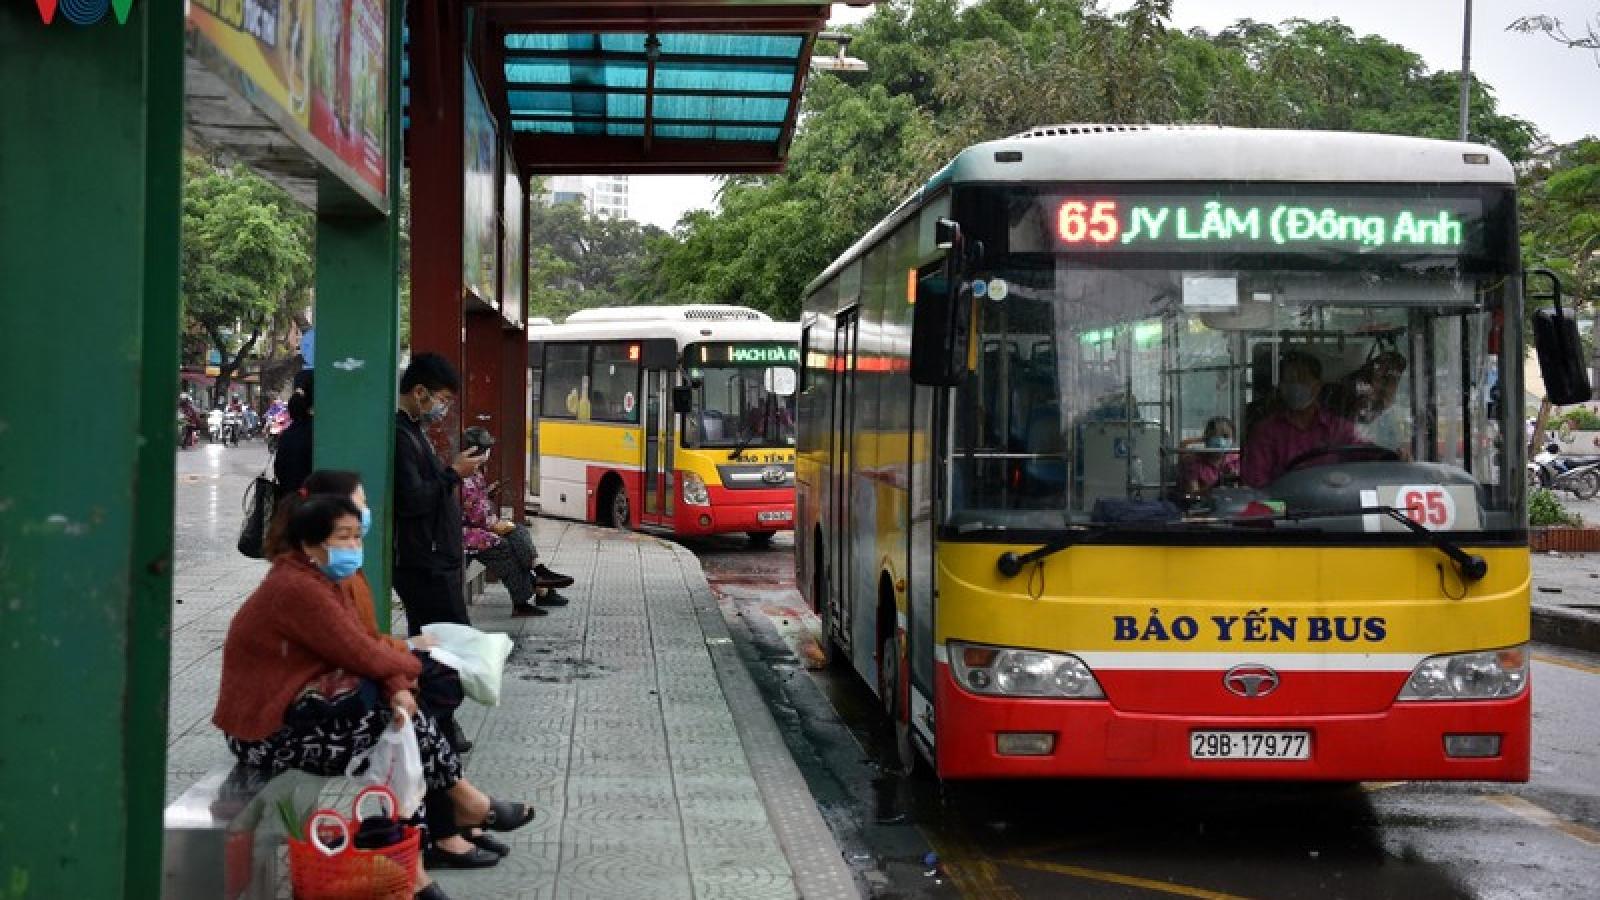 Ảnh: Xe buýt Hà Nội hoạt động trở lại, khách đi vẫn còn thưa vắng